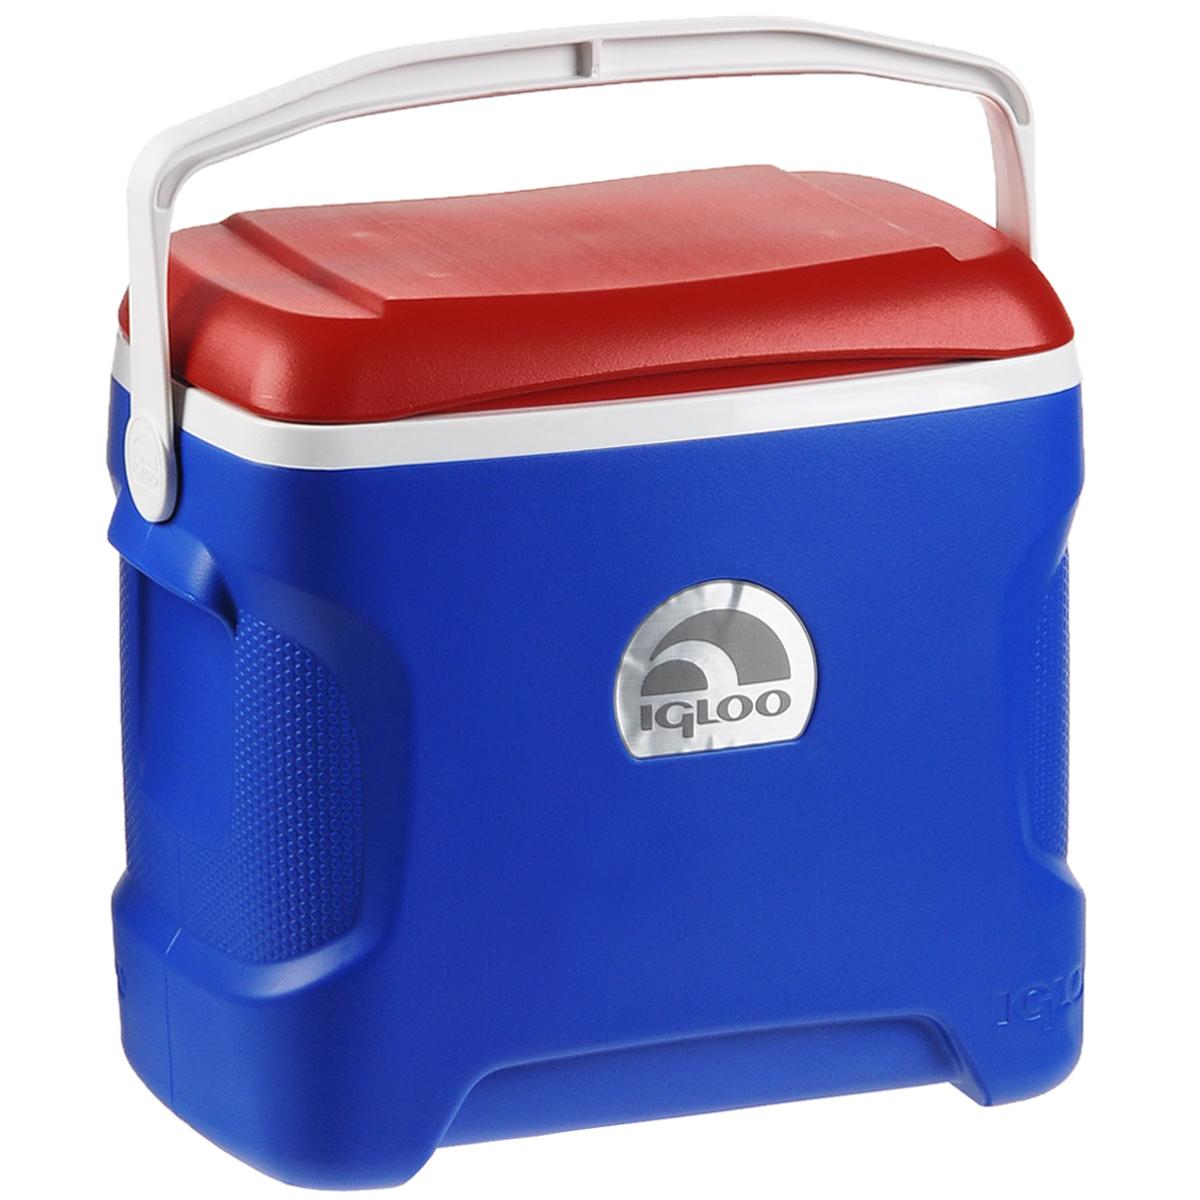 Изотермический контейнер Igloo Contour, цвет: синий, белый, красный, 28 л44208Легкий и прочный изотермический контейнер Igloo Contour, изготовленный из высококачественного пластика, предназначен для транспортировки и хранения продуктов и напитков. Корпус эргономичного дизайна, ударопрочный. Поддержание внутреннего микроклимата обеспечивается за счет термоизоляционной прокладки из пены Ultra Therm, способной удерживать температуру внутри корпуса до 24 часов. Для поддержания температуры использовать с аккумуляторами холода. Контейнер имеет усиленную ручку и широко открывающуюся крышку для легкого доступа к продуктам. Крышка плотно и герметично закрывается. Такой контейнер можно взять с собой куда угодно: на отдых, пикник, на дачу, катание на лодке. Размер: 46 см х 27 см х 43 см. Объем: 28 л.